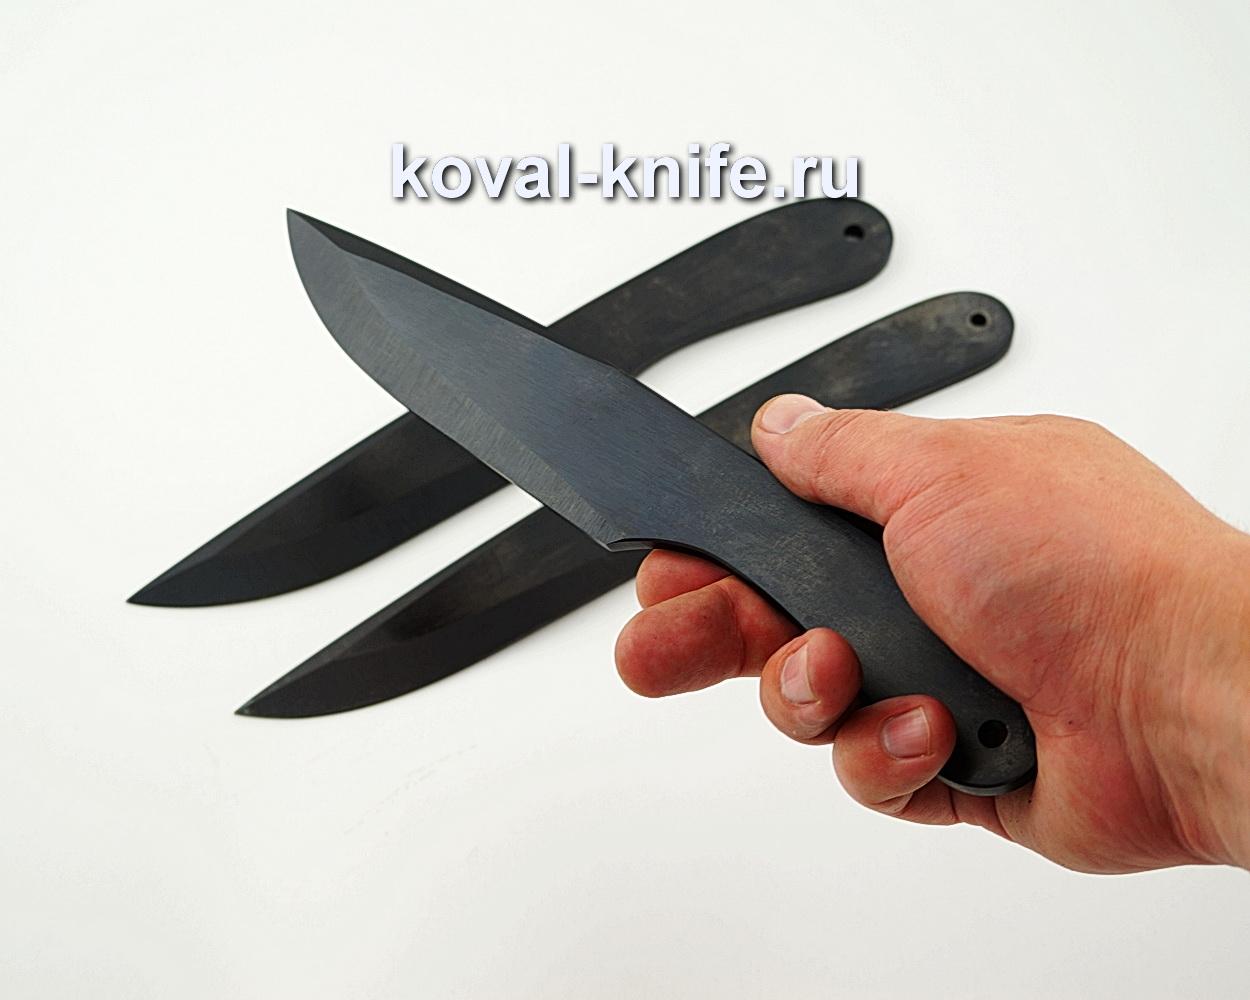 купить набор метательных ножей осетр